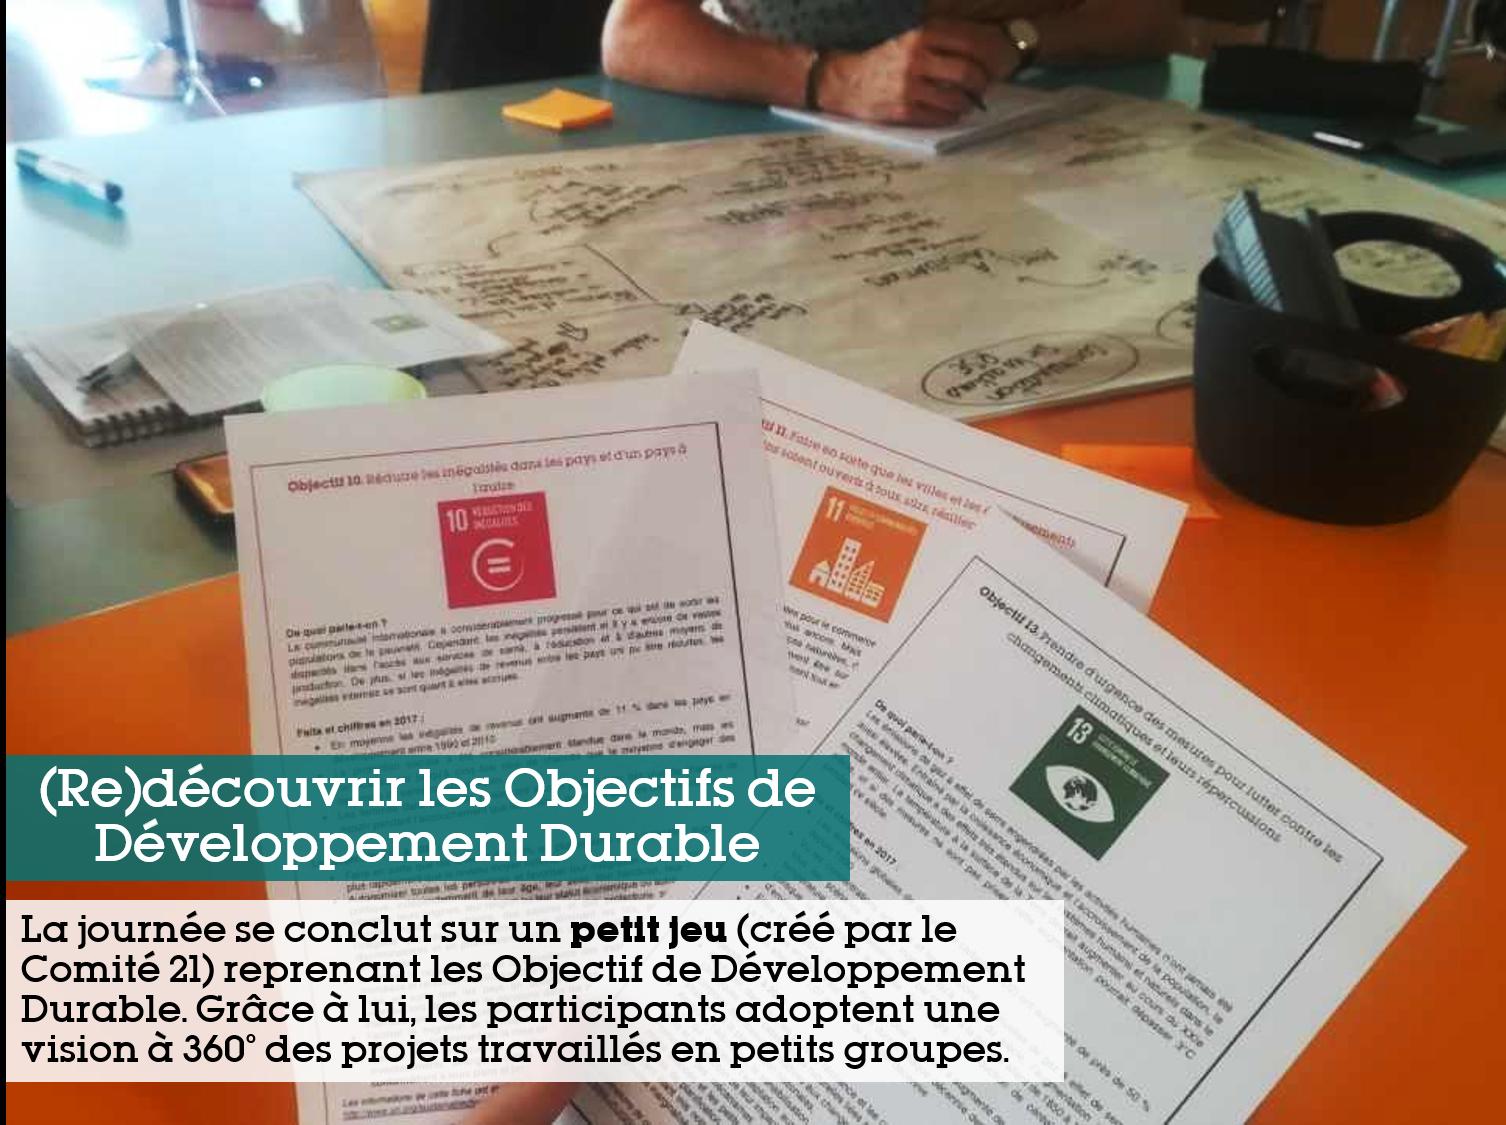 (Re)découvrir les objectifs de développement durable : La journée de sonclut sur un petit jeu (Créé par le Comité 21) reprenant les objectifs de développement durable. Grâce à lui, les participants adoptent une vision à 360° des projets travaillés en petits groupes